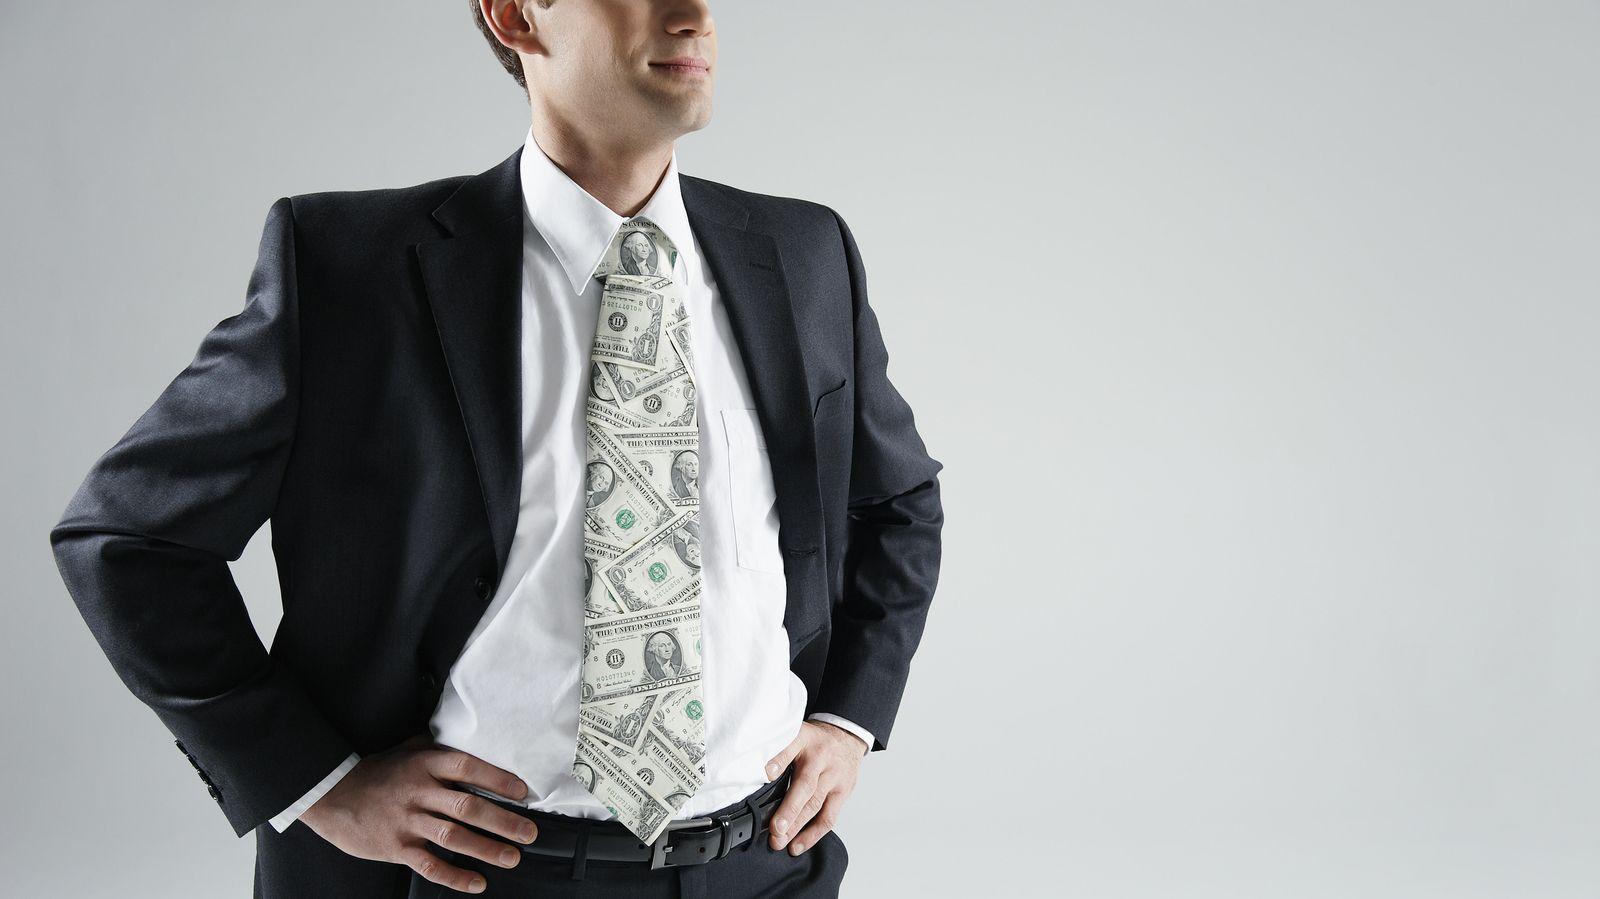 Foto: Probablemente, si de pronto fueses millonario, te gastarías el dinero en tonterías como esta, y tan contento. (Corbis)